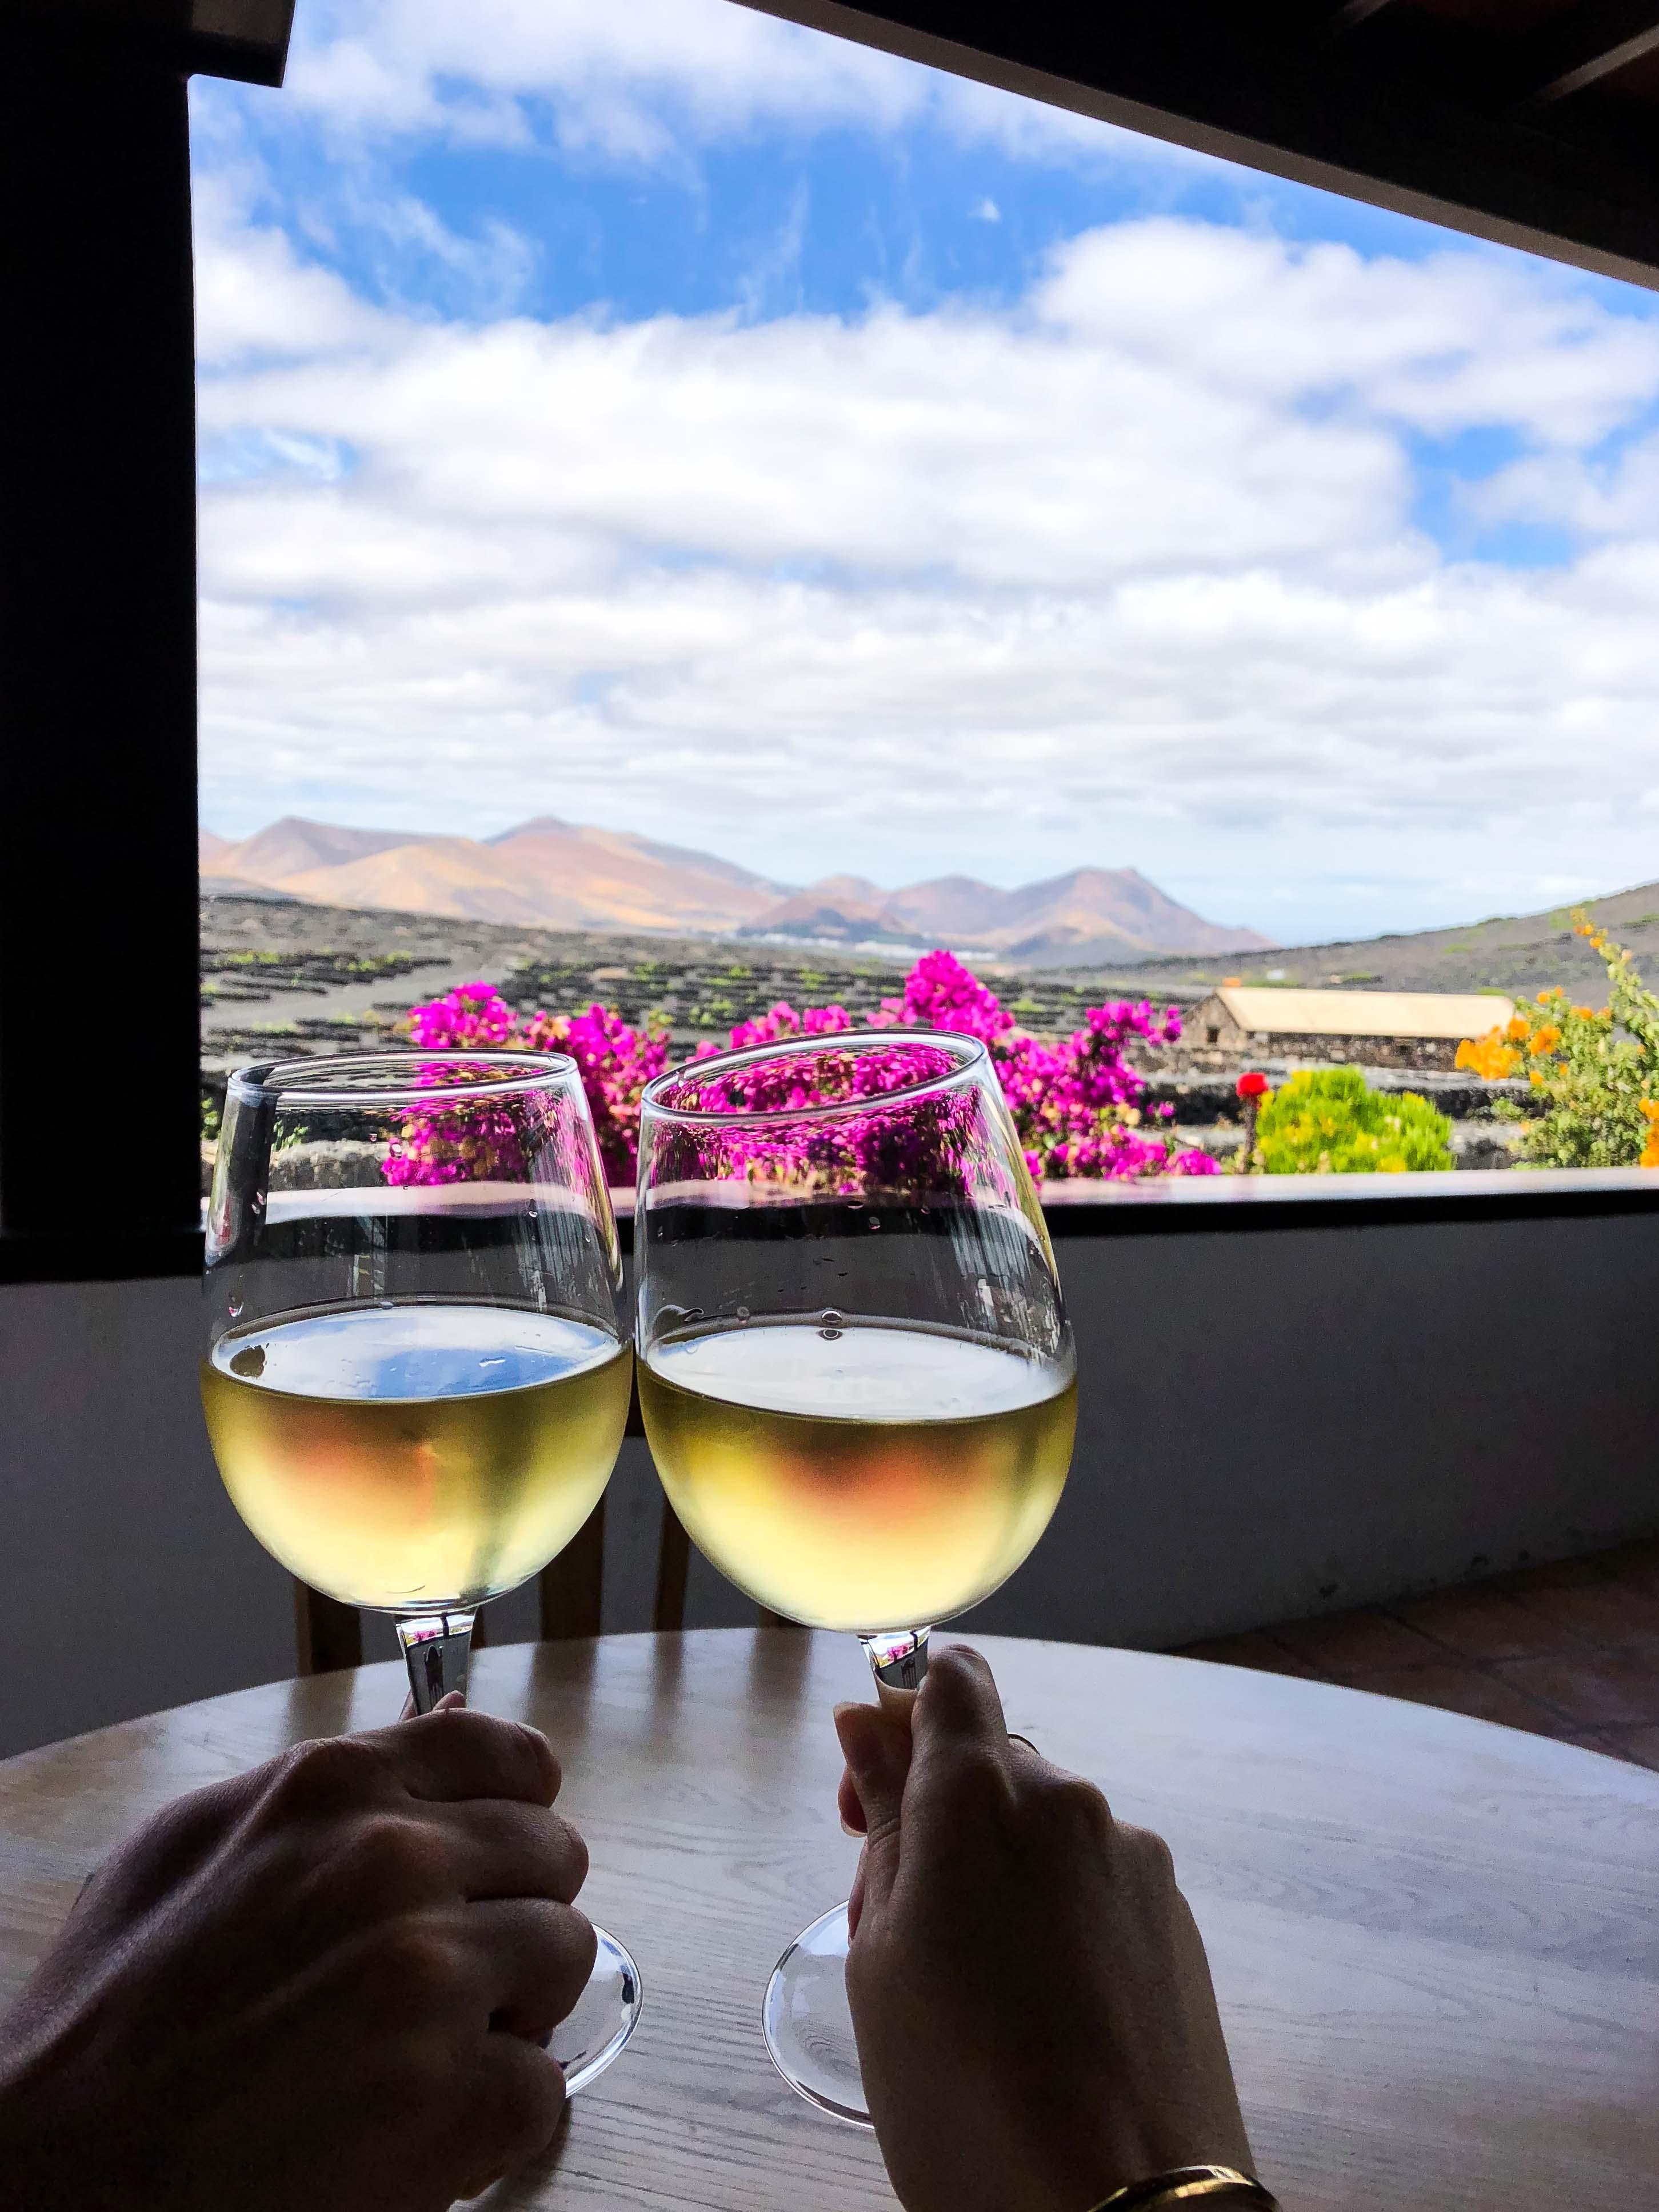 Top 10 Tipps Lanzarote Sehenswürdigkeiten Insider Tipps Lanzarote Spanien La Geria Weinbaugebiet Wein Bodega Rubicon Winzer